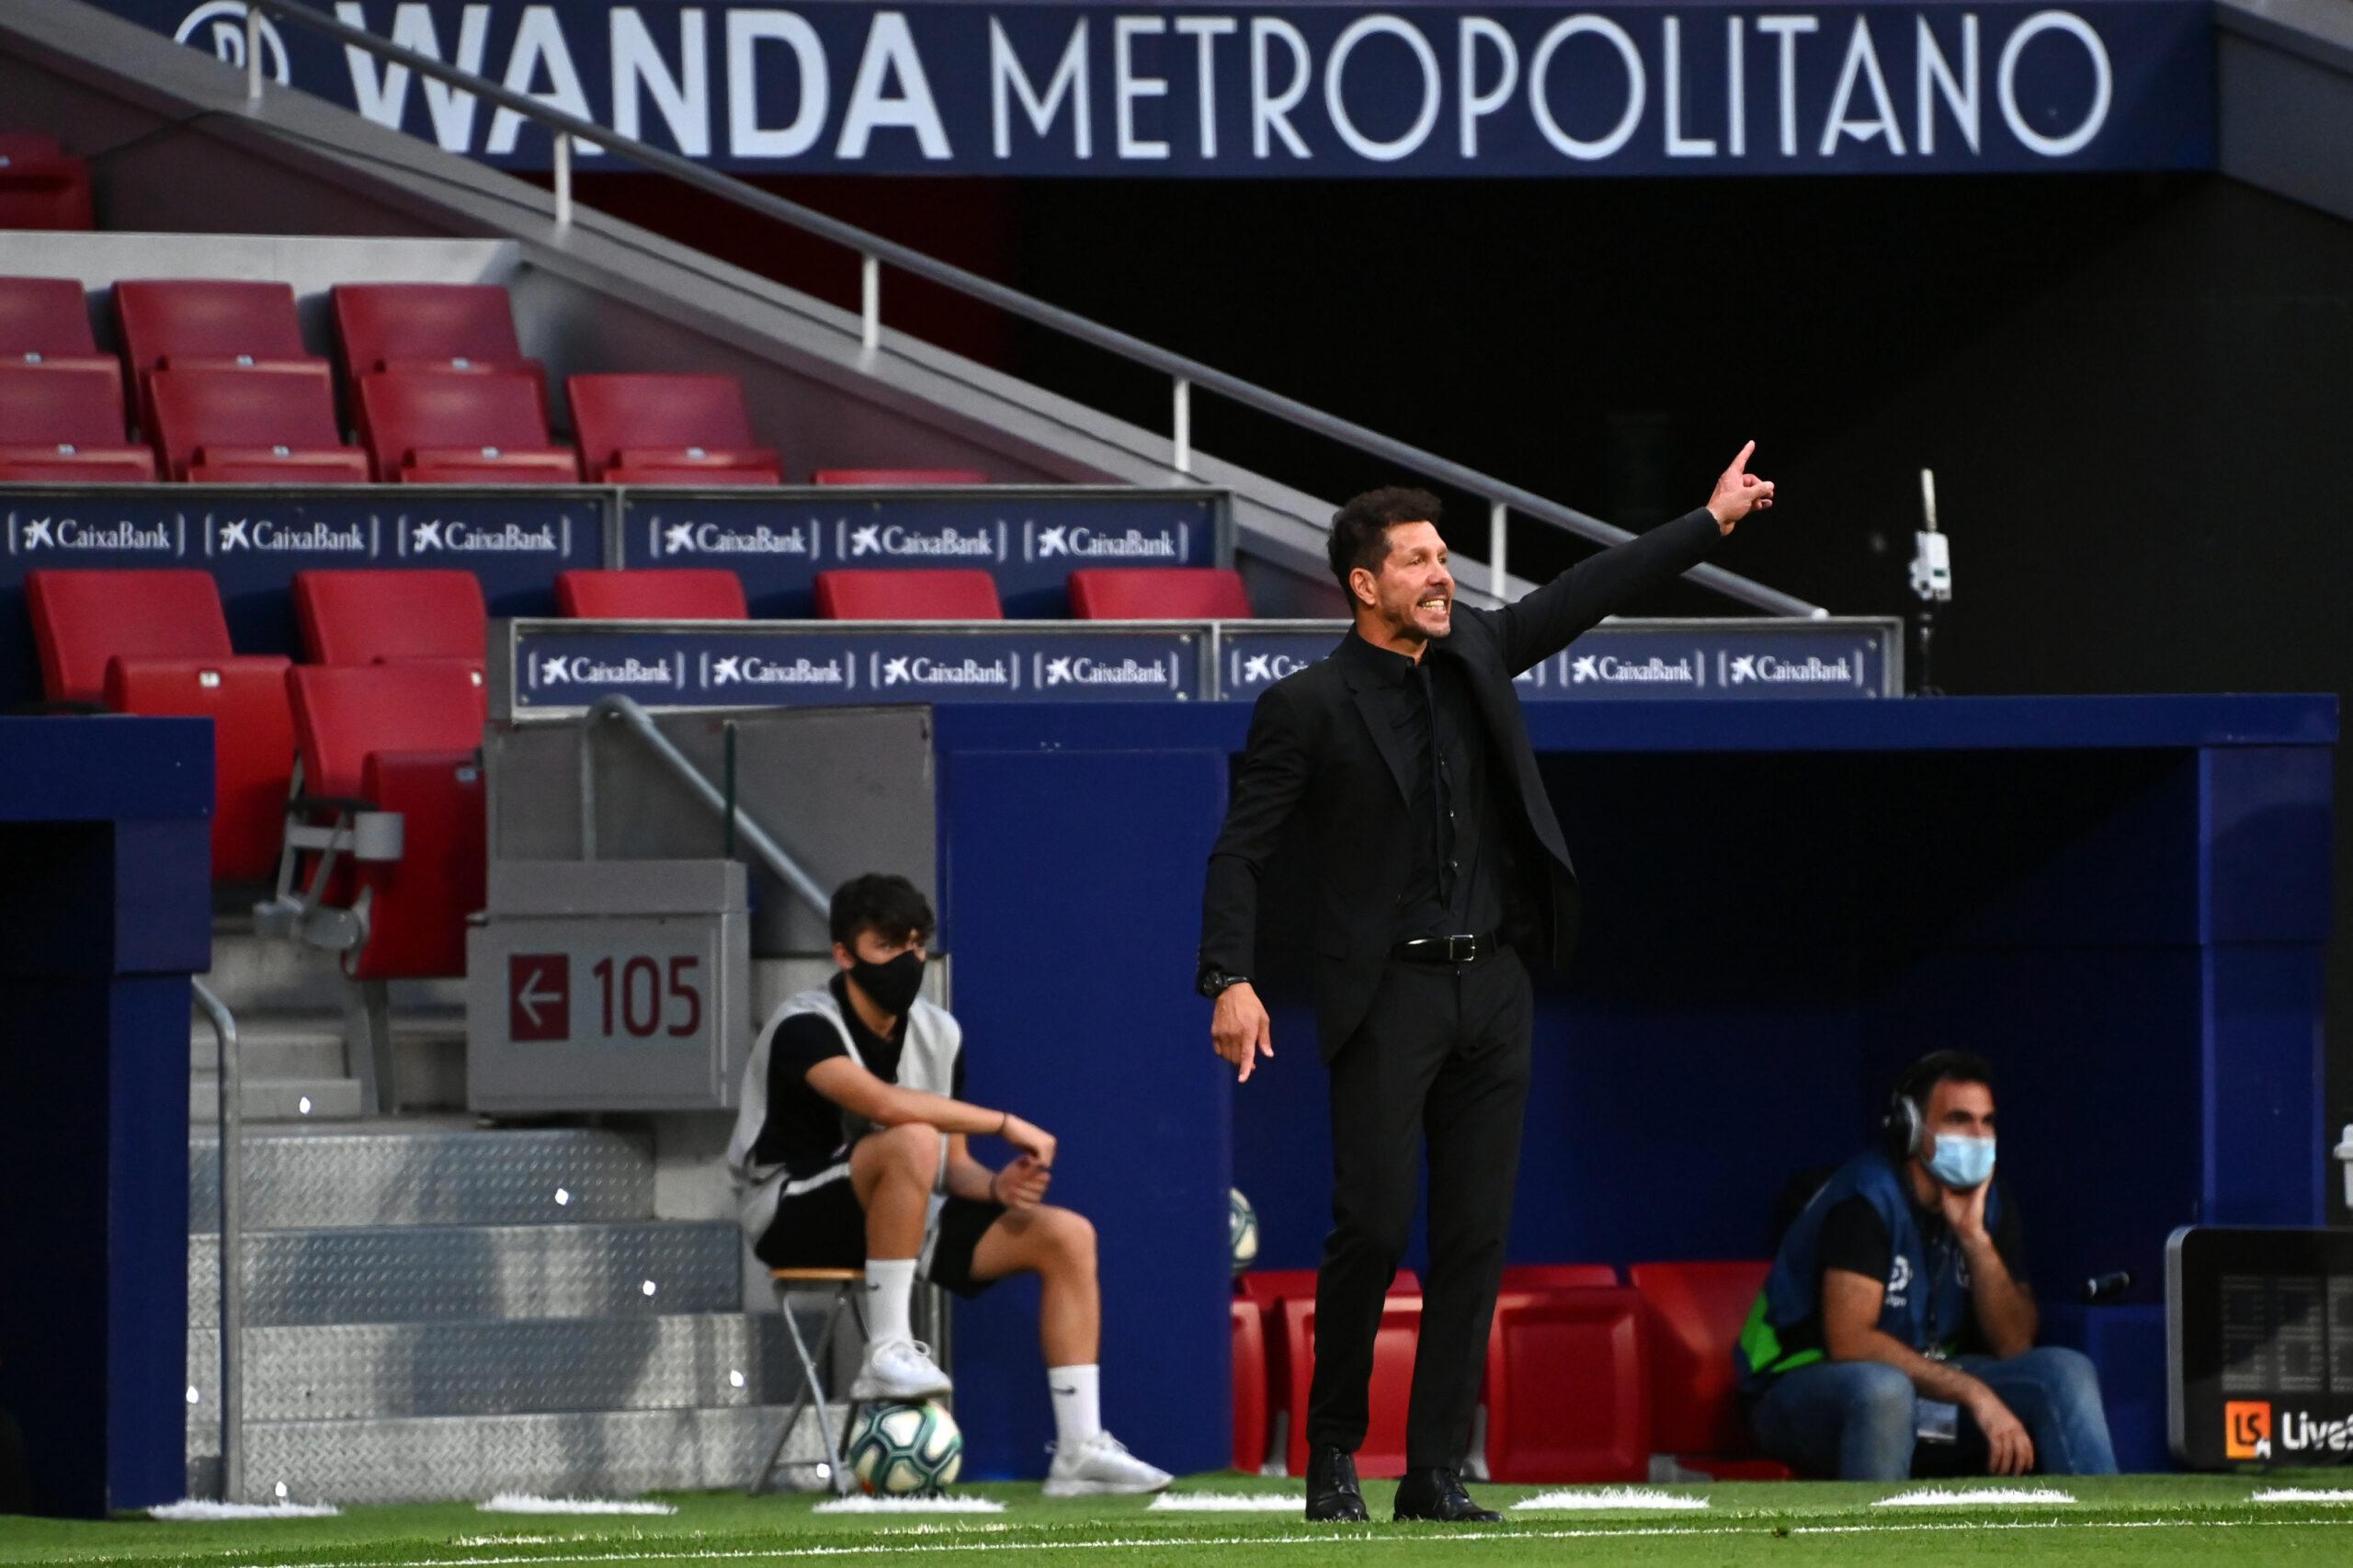 Se definen los planes del Atlético de Madrid para el mercado de fichajes